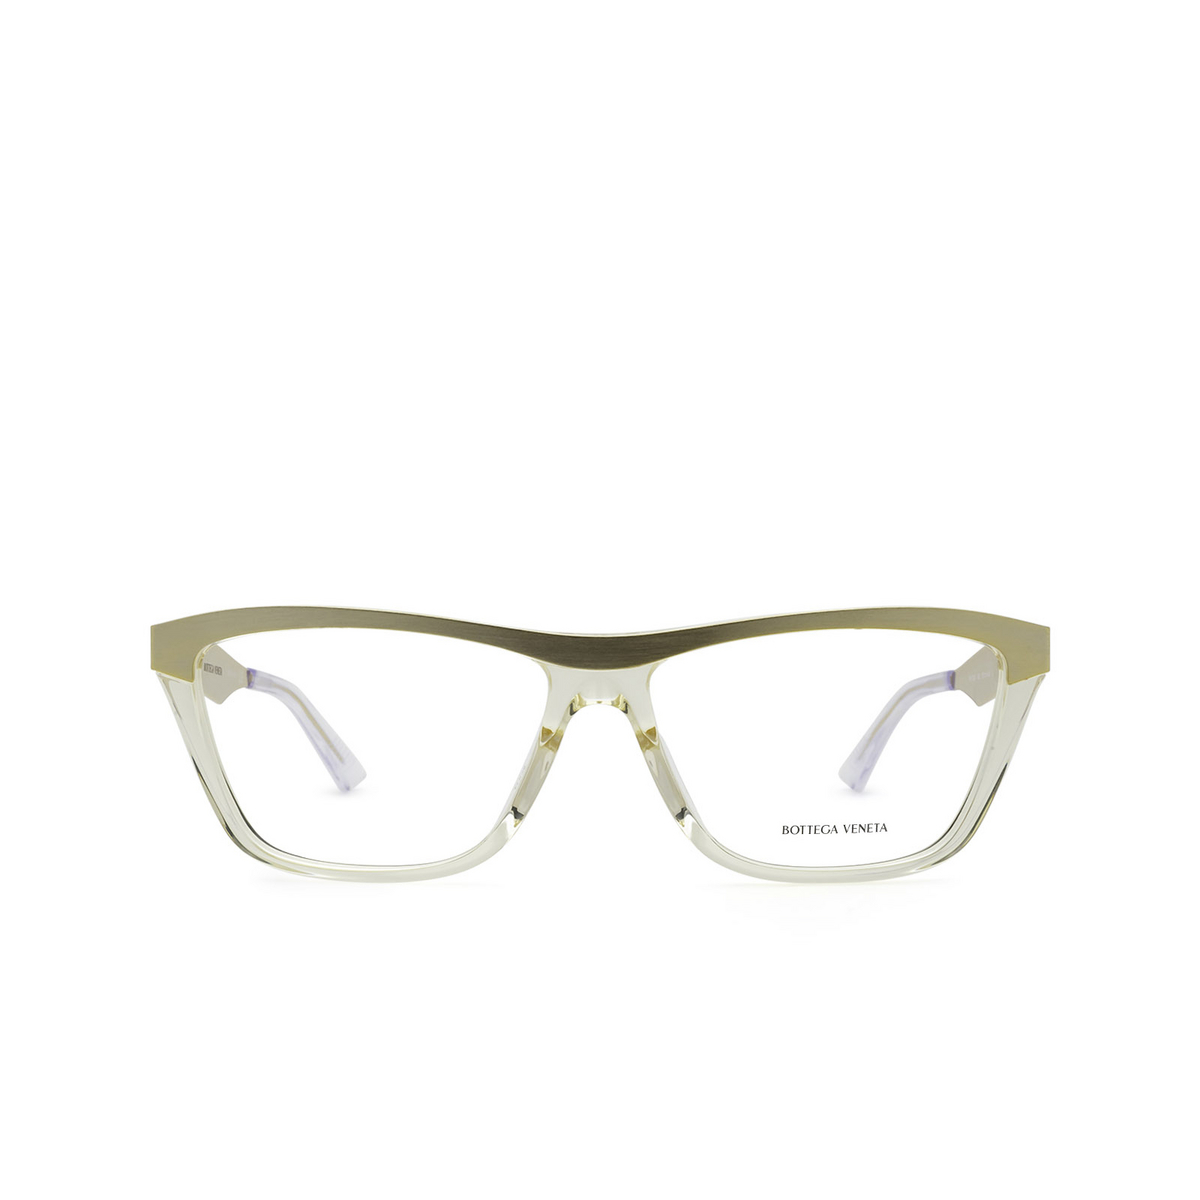 Bottega Veneta® Rectangle Eyeglasses: BV1133O color Gold & Transparent Beige 002 - front view.